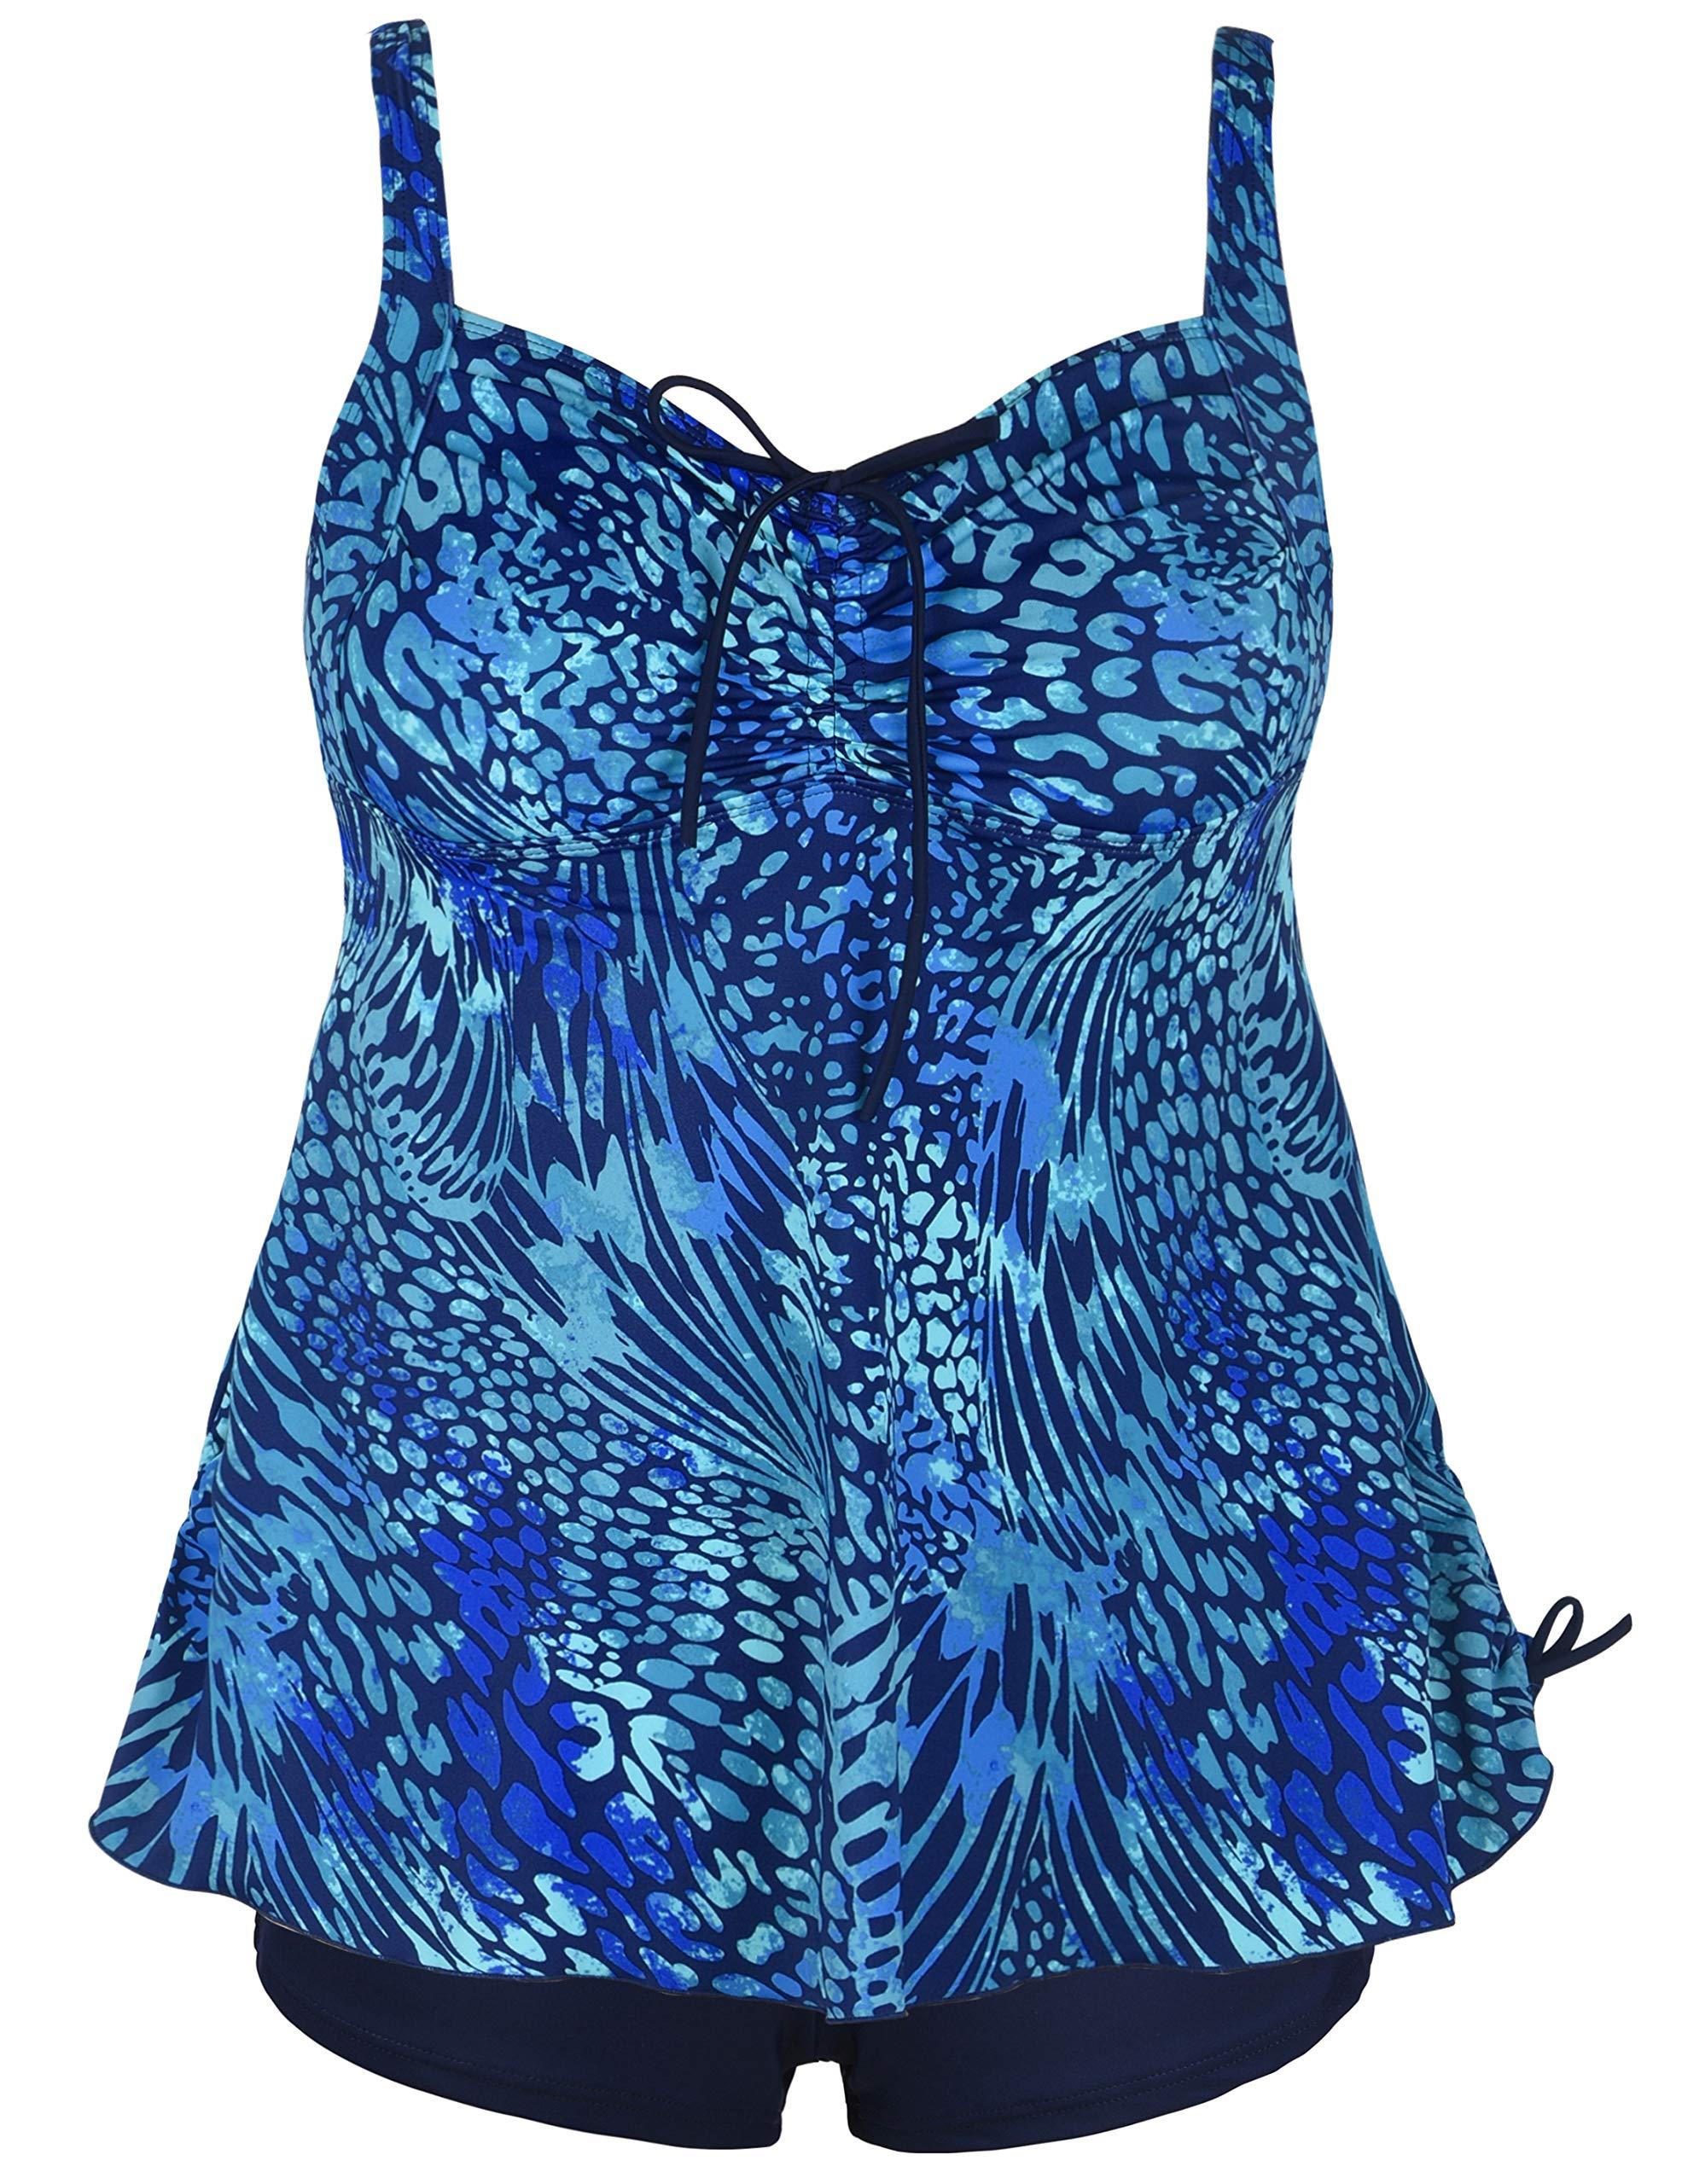 Septangle Women's Plus Size Bathing Suits Paisley Print Two Piece Swimsuit (Blue Leopard Print, US 18W)